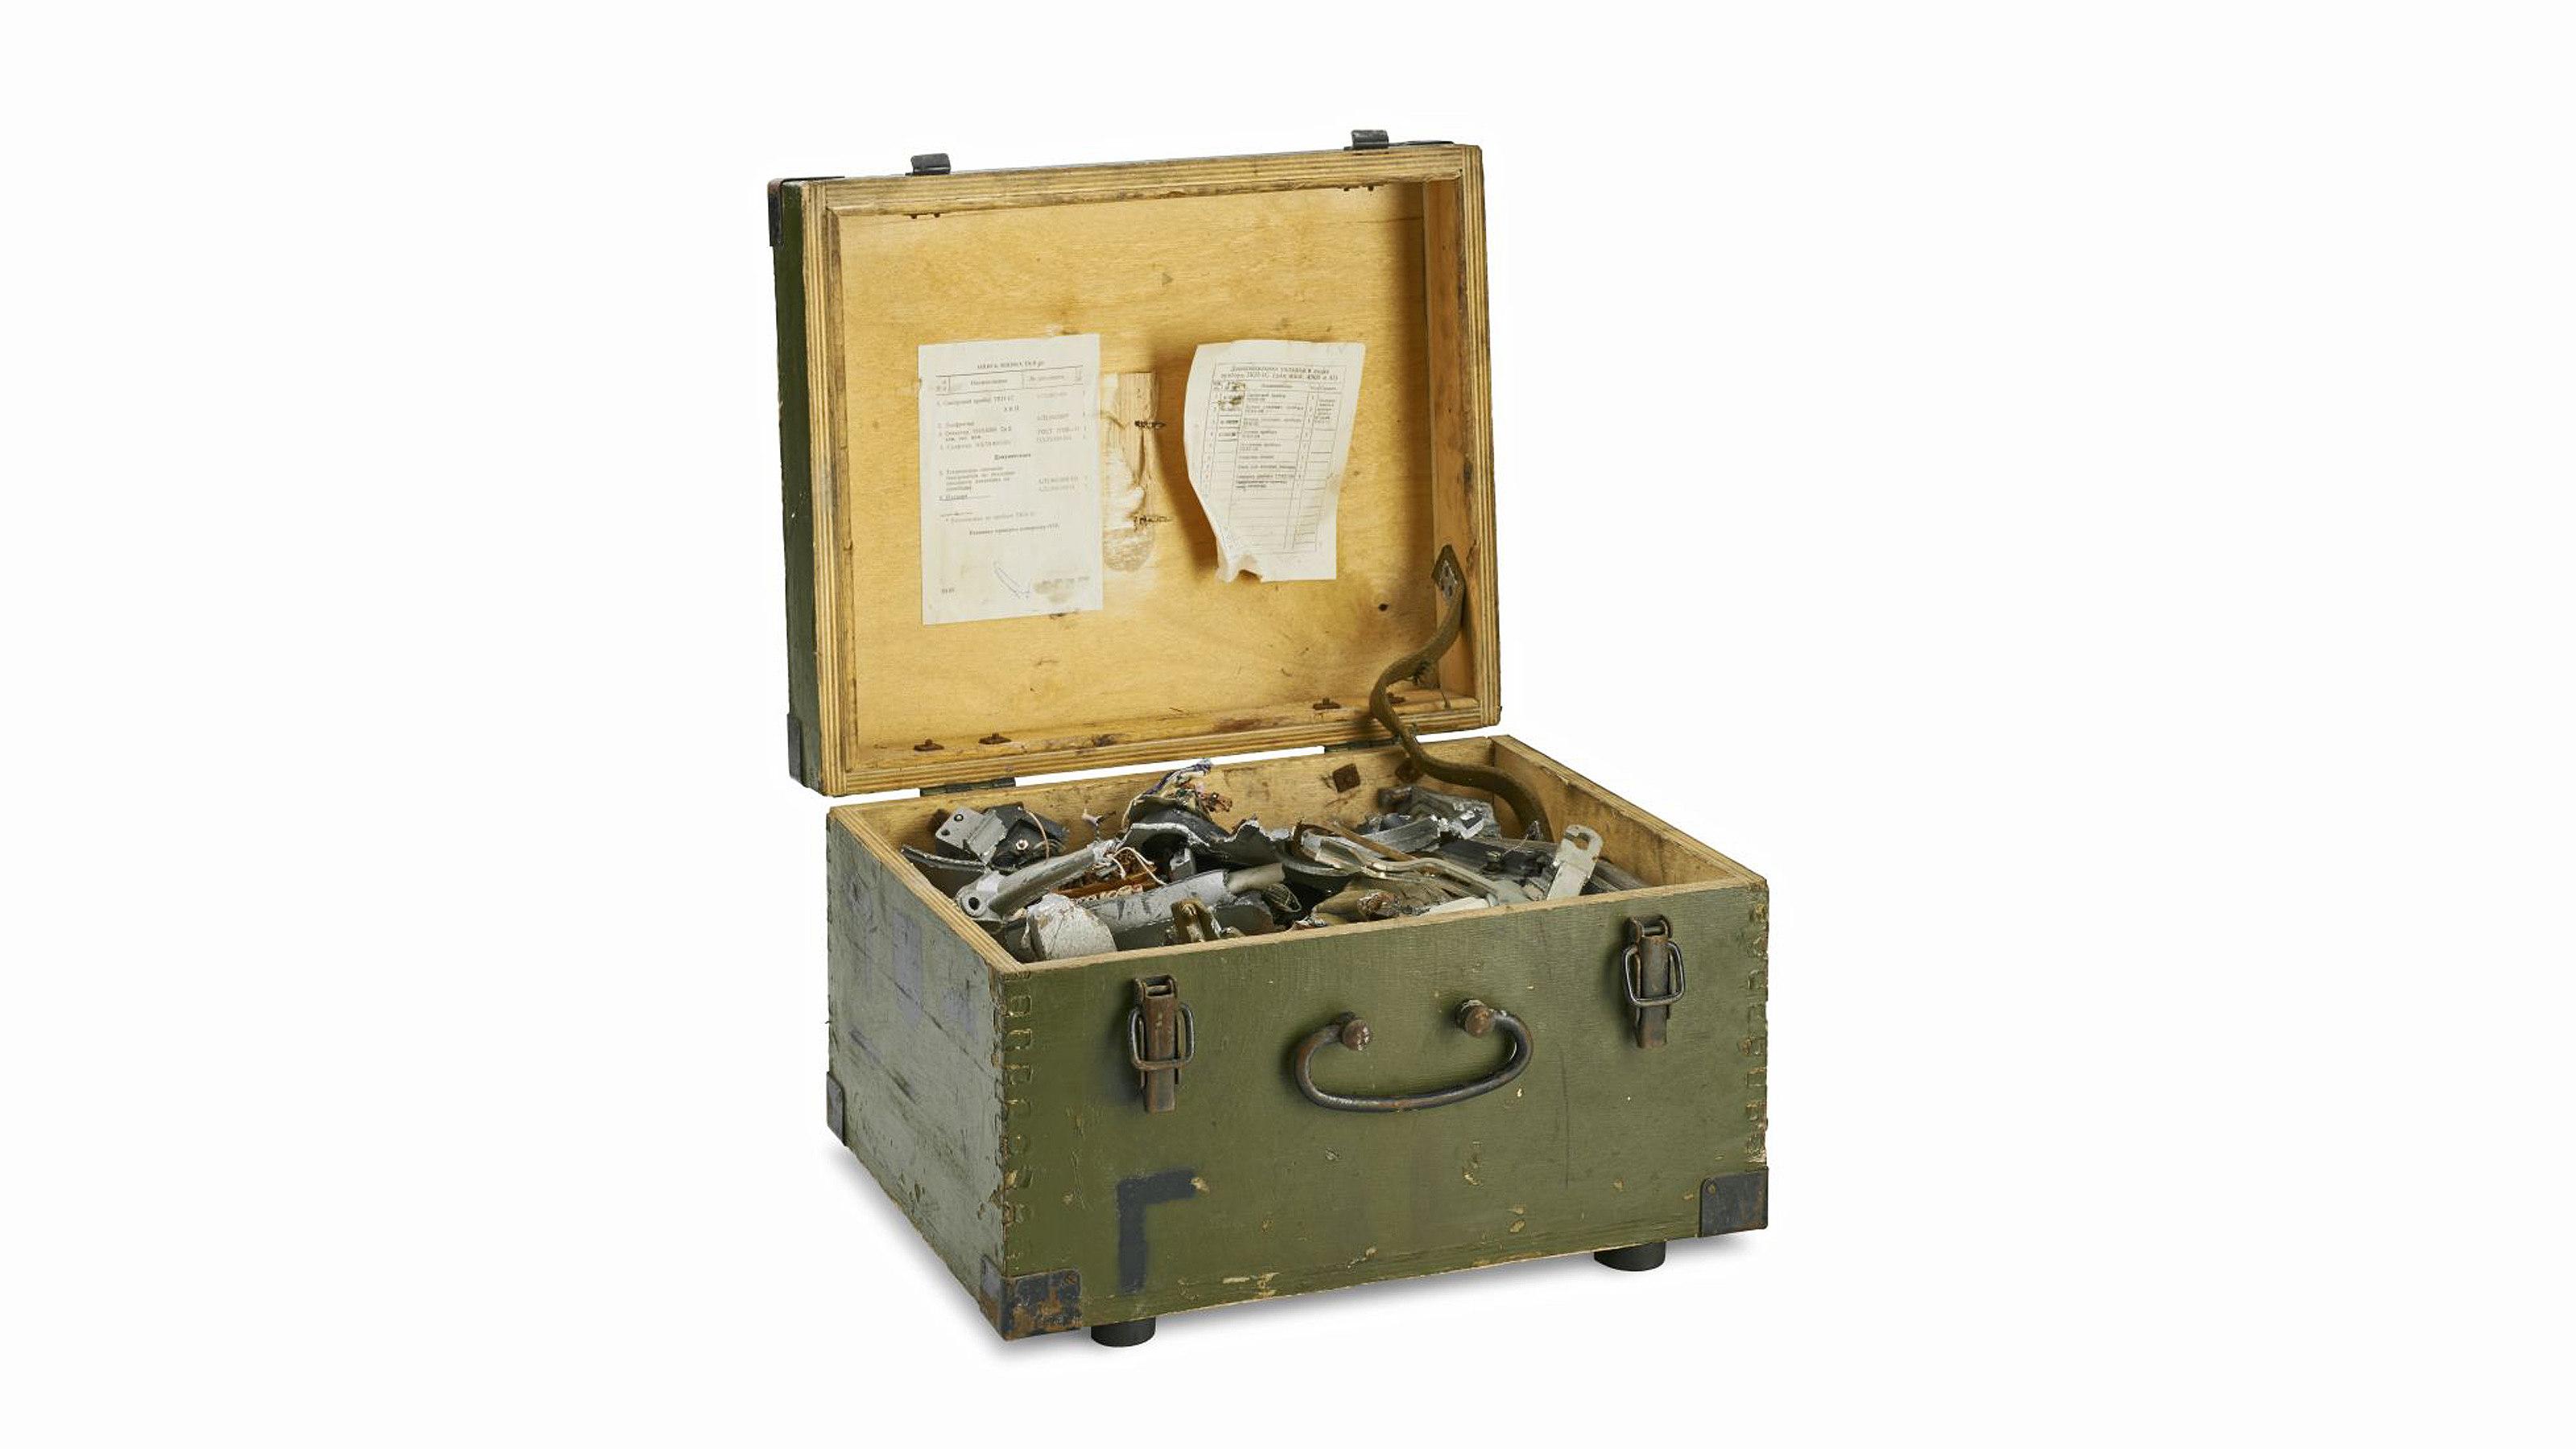 Kiste mit geschreddertem Funkgerät, 1960er Jahre